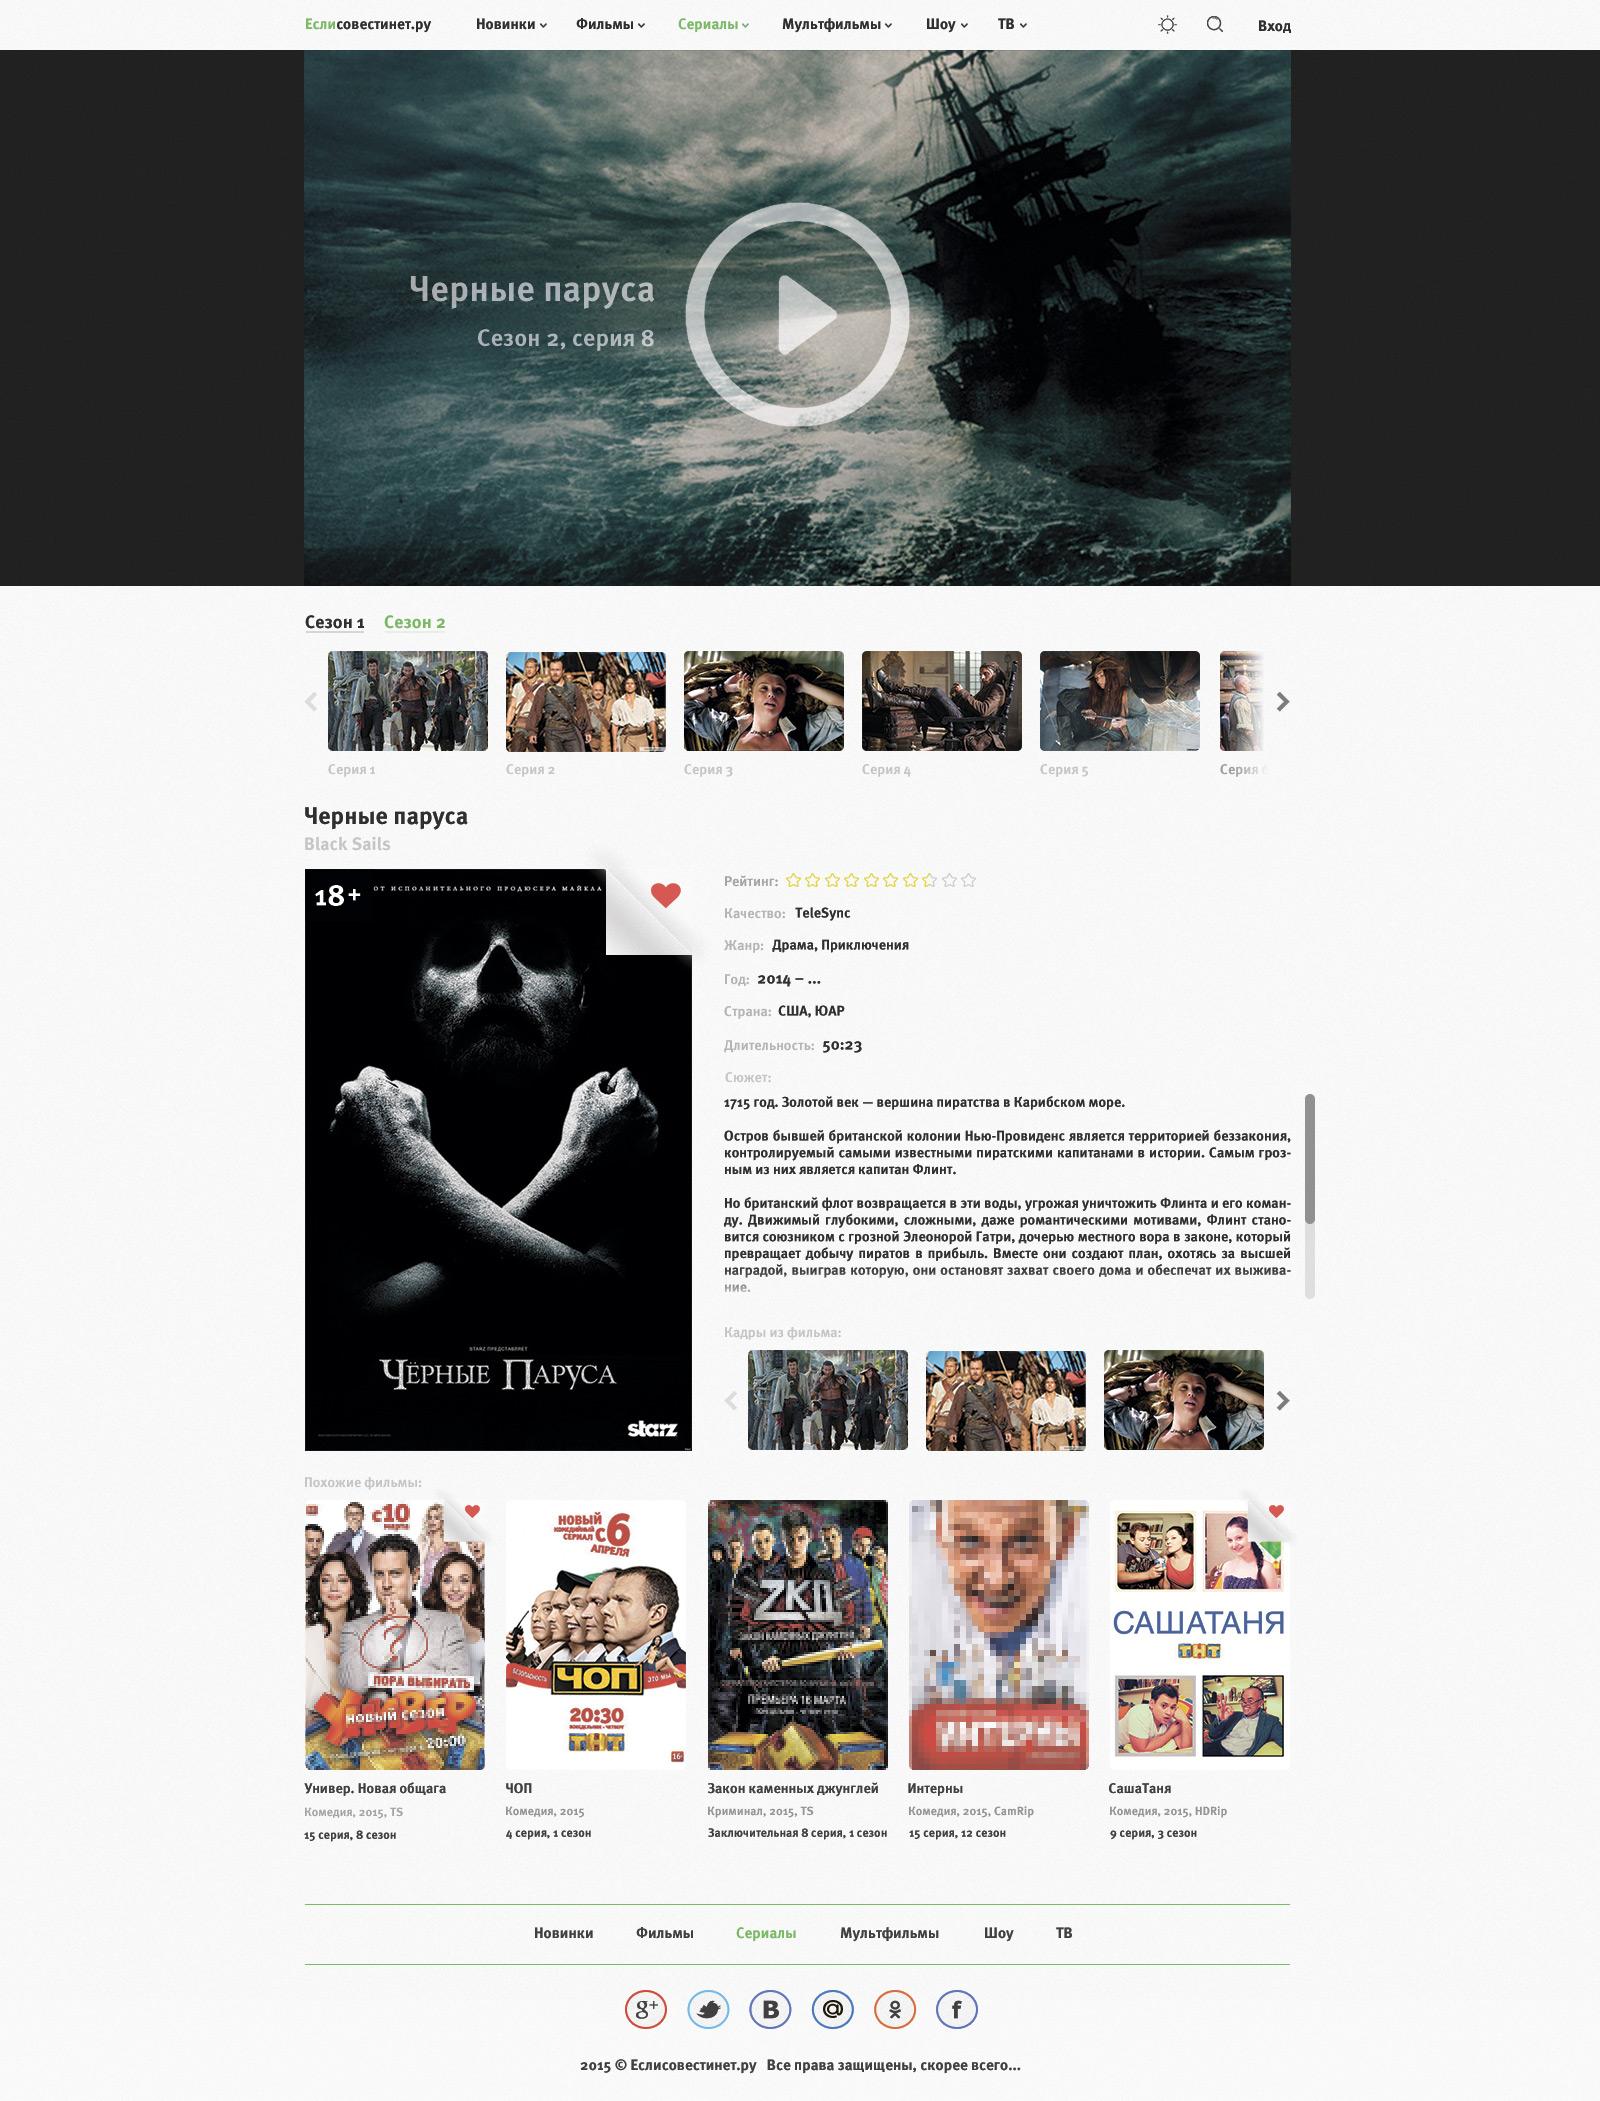 Дизайн для онлайн-кинотеатра фото f_8885529ddfa8b2e5.jpg